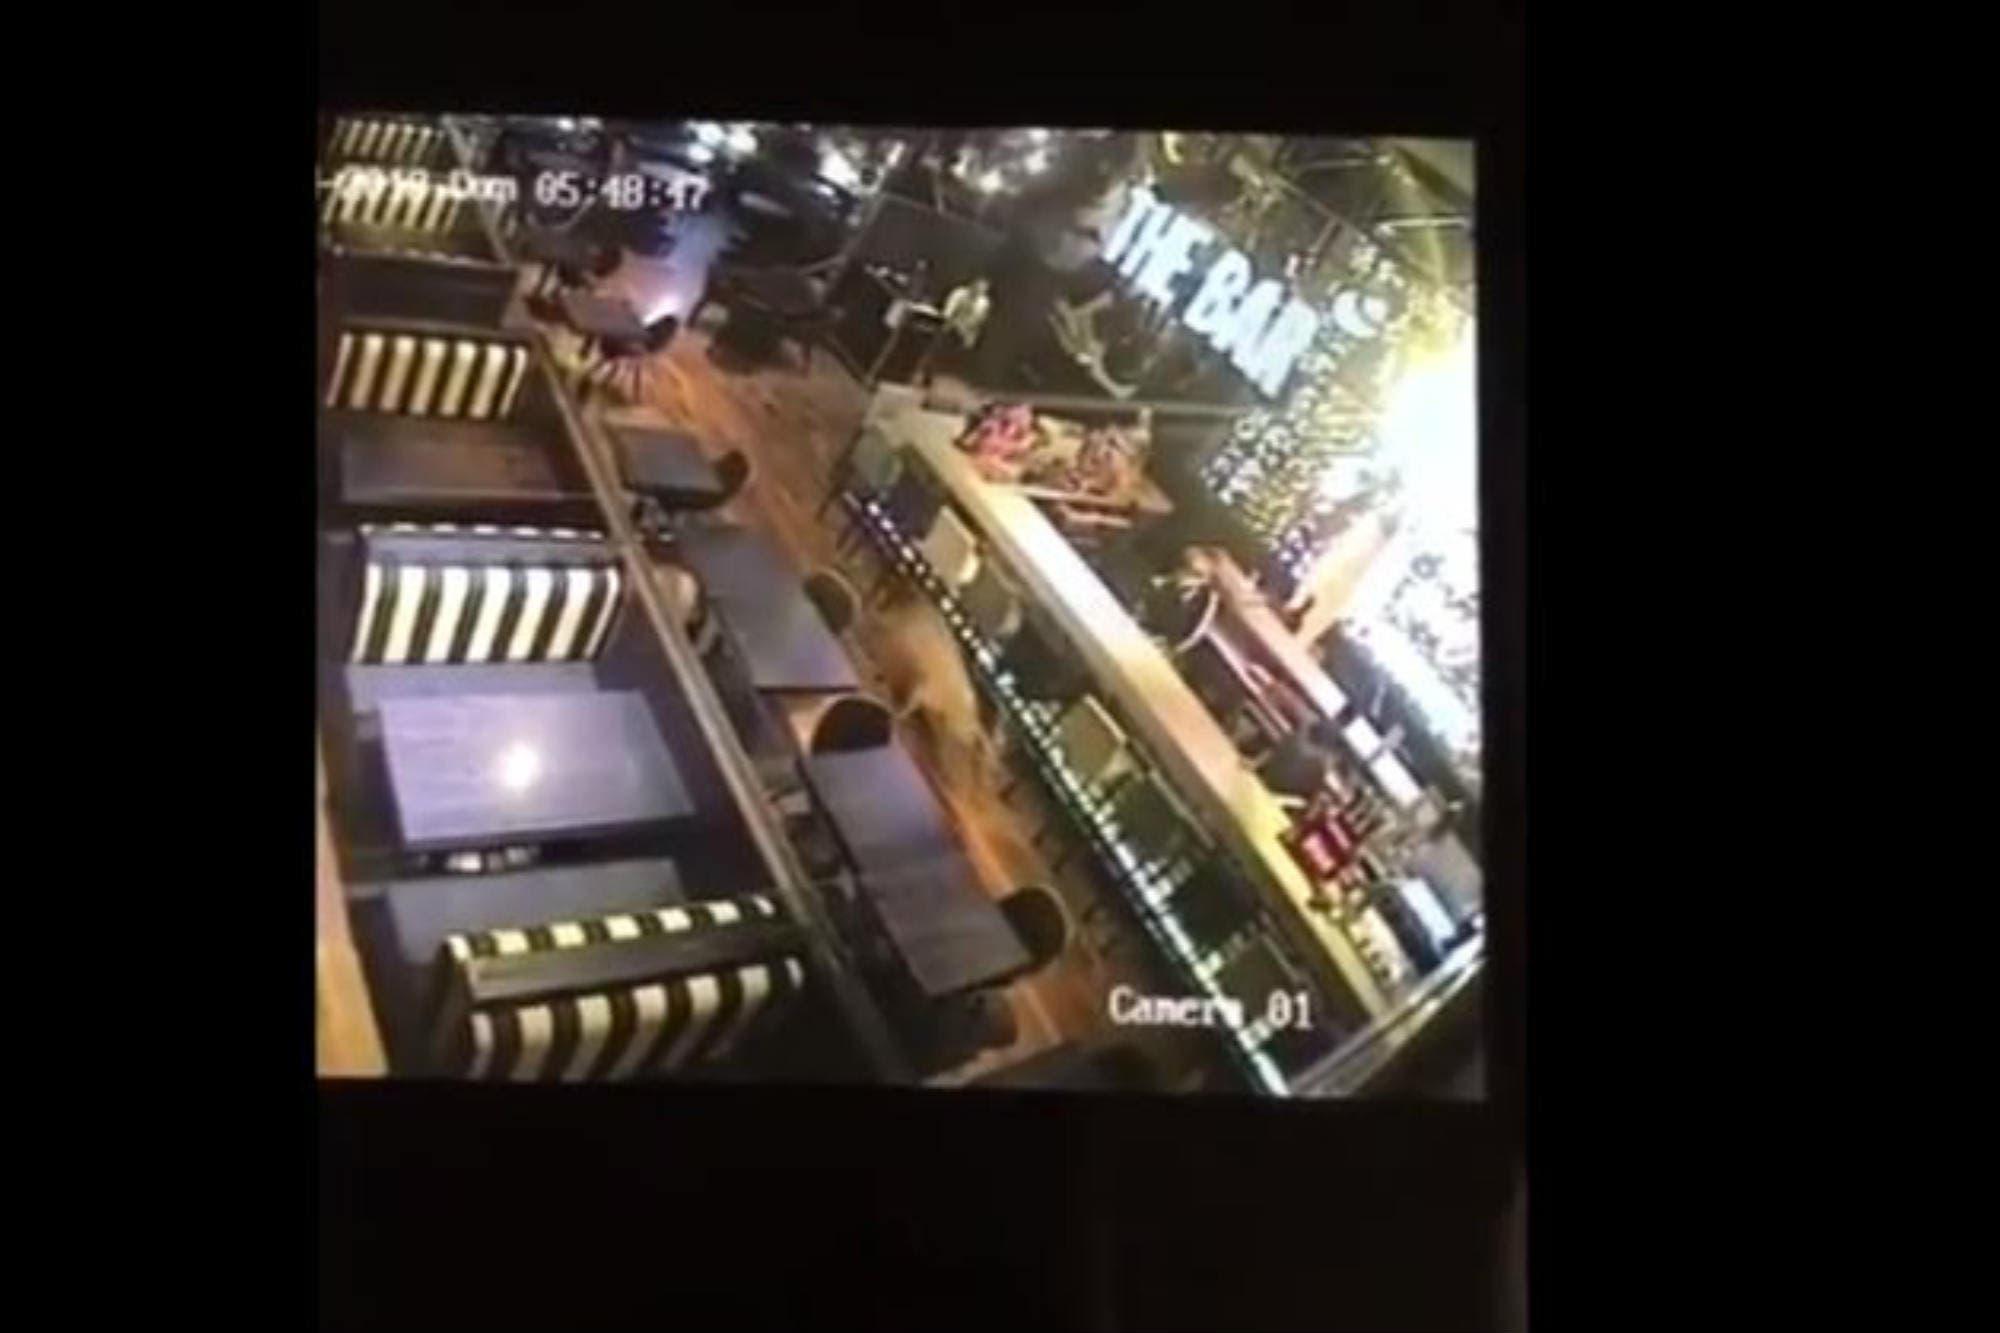 Un ciervo ingresó el sábado a la noche a un bar de Rosario y hoy apareció muerto